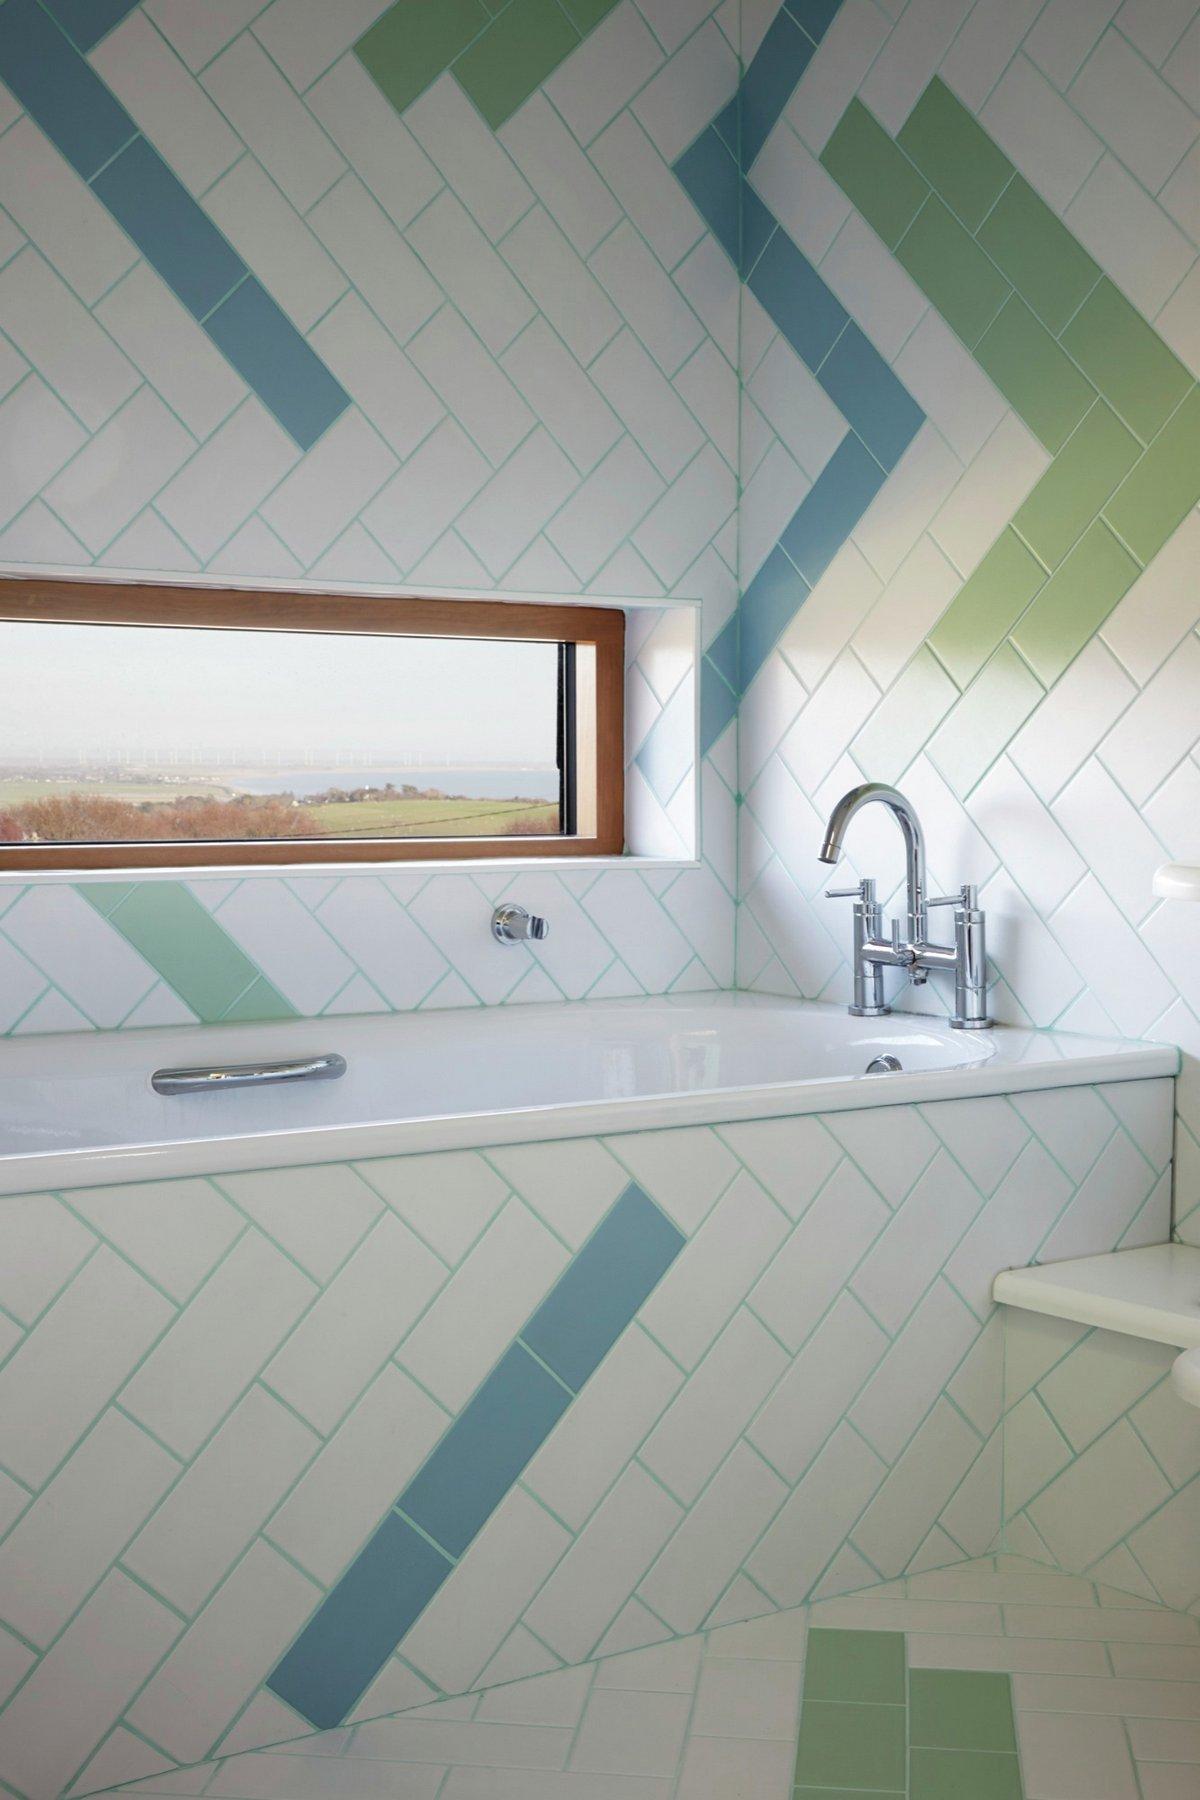 Alma-nac, габионы фото, забор из габионов, дизайн габионов, консольный дом, фото бассейнов в частных домах, современный дизайн загородного дома фото